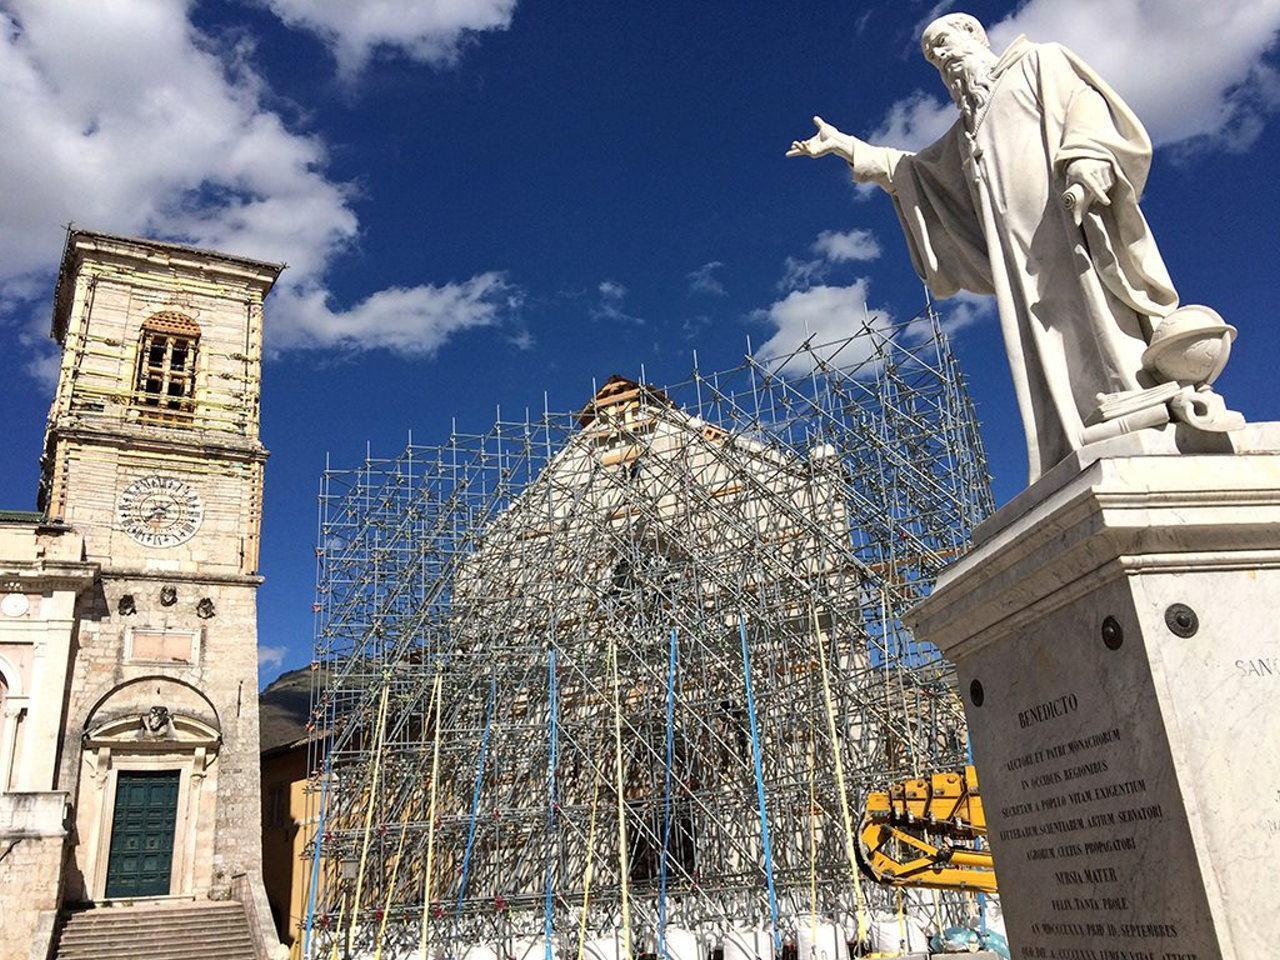 No ad accensione fiaccola Benedettina dice Comitato pro Basilica Identica